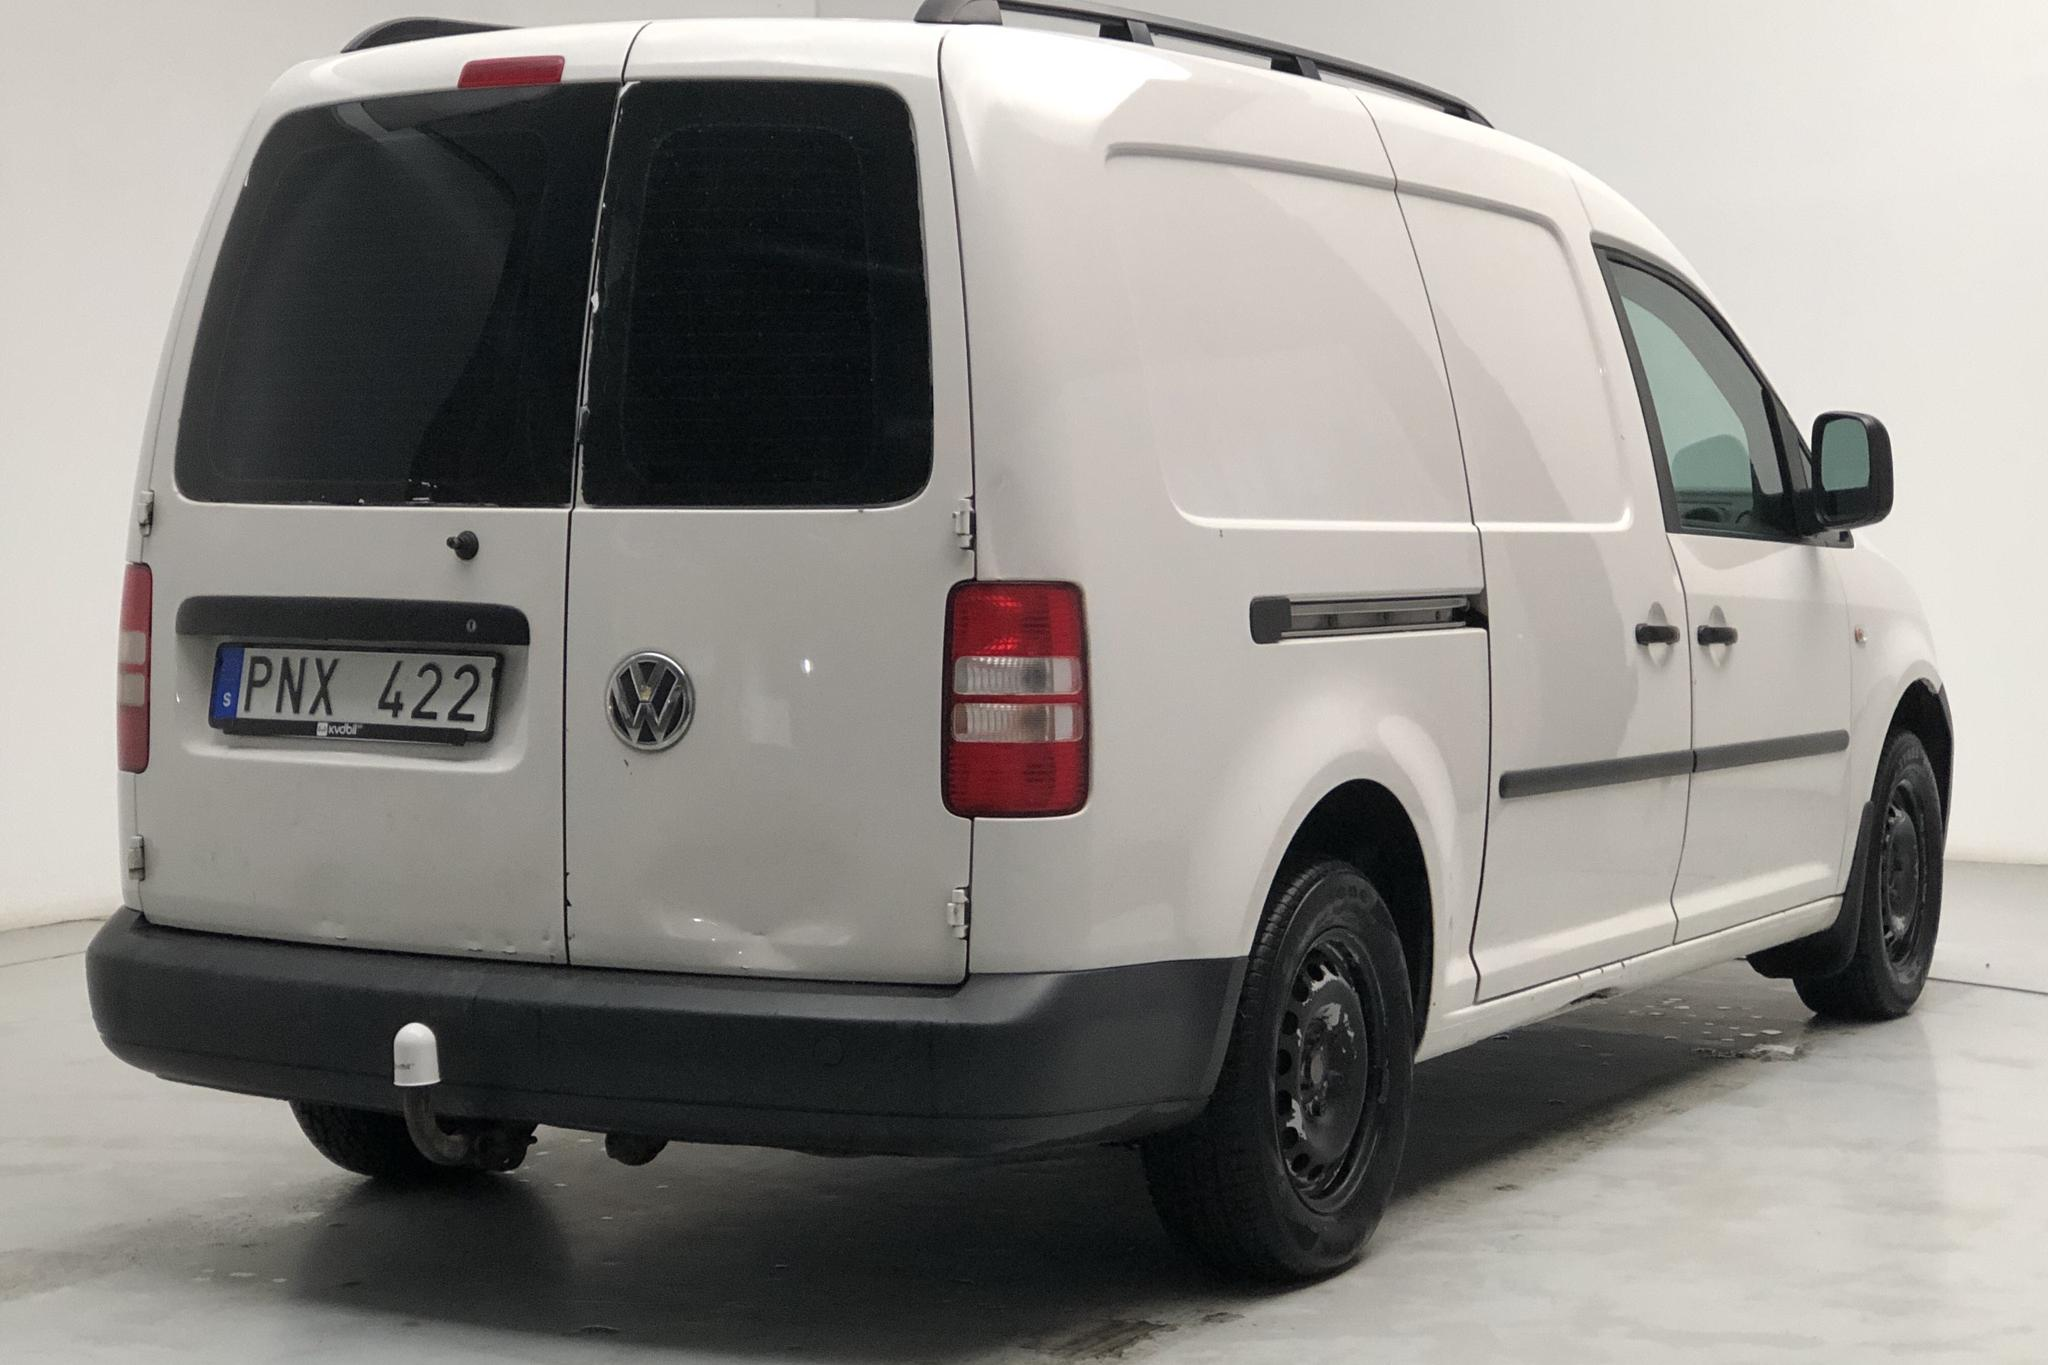 VW Caddy 1.6 TDI Maxi Skåp (102hk) - 18 623 mil - Manuell - vit - 2013